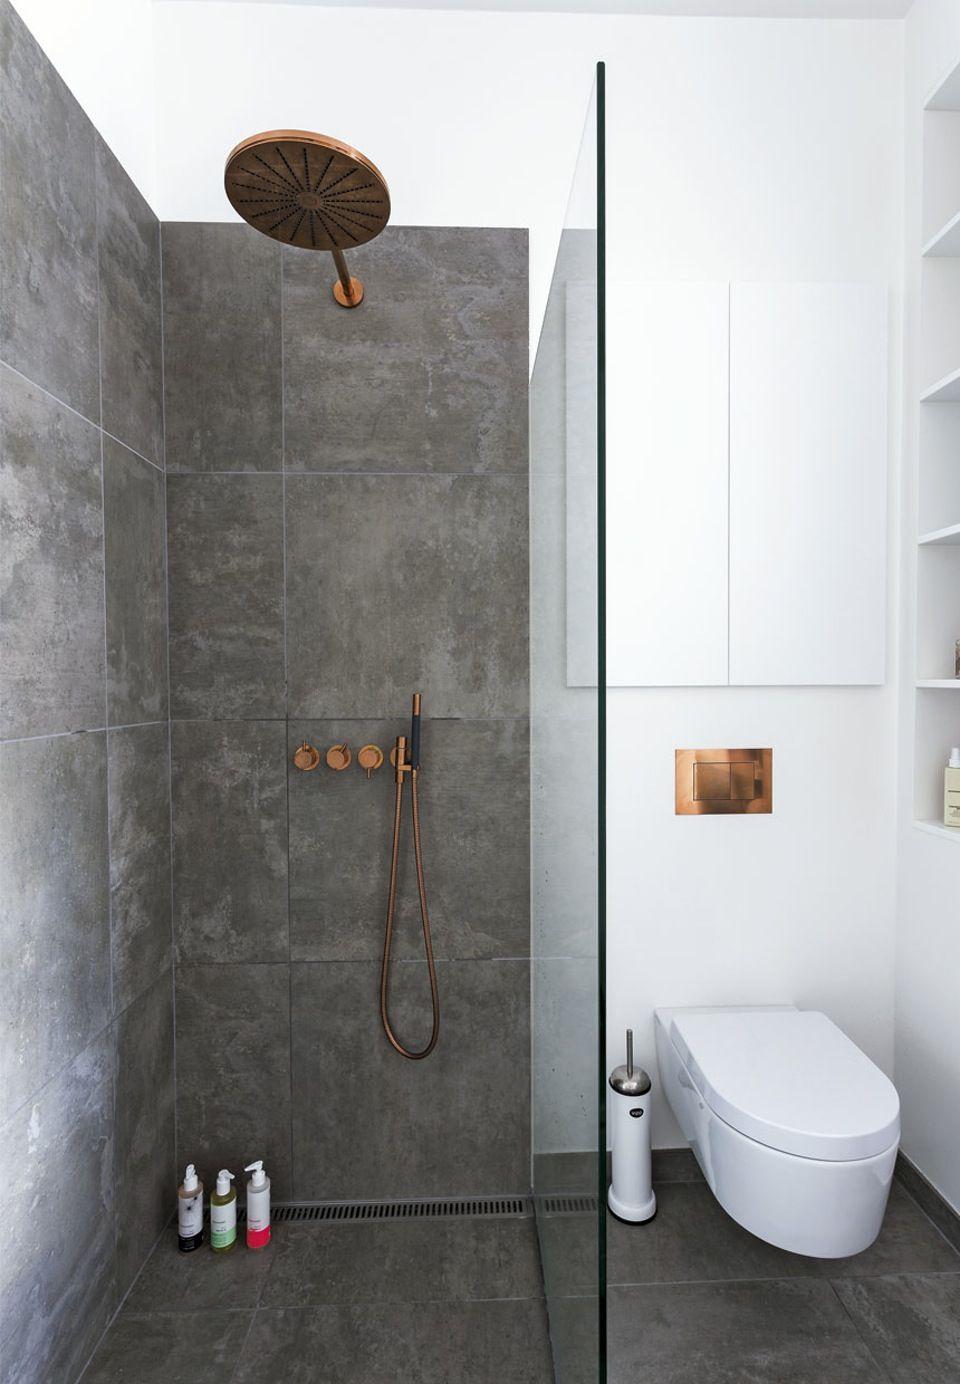 scandinavian minimalist bathroom with copper fixtures. photo